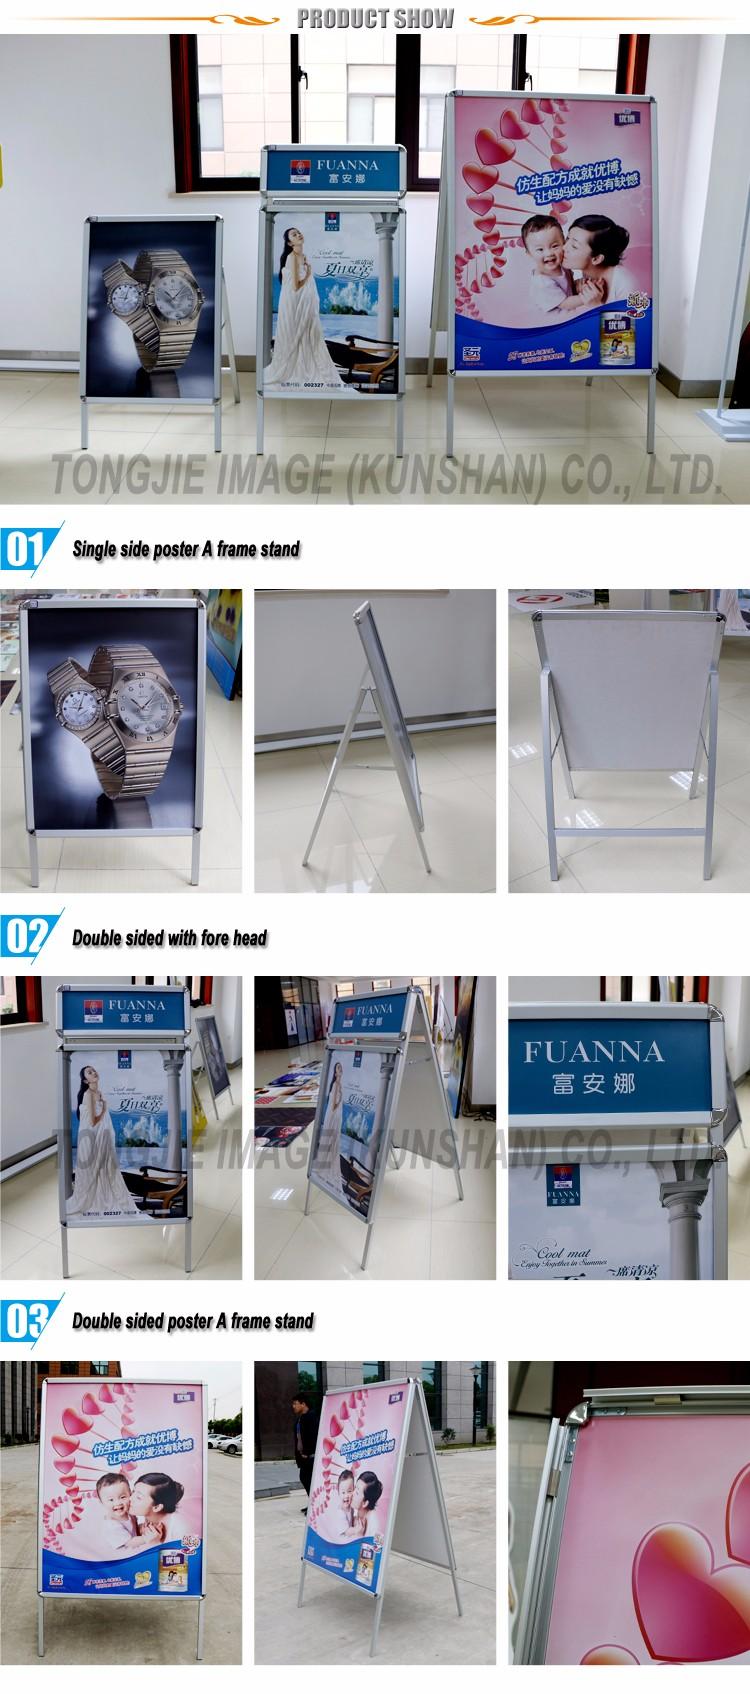 Acera Signo Metal Un Soporte Del Marco Para Publicidad - Buy Product ...